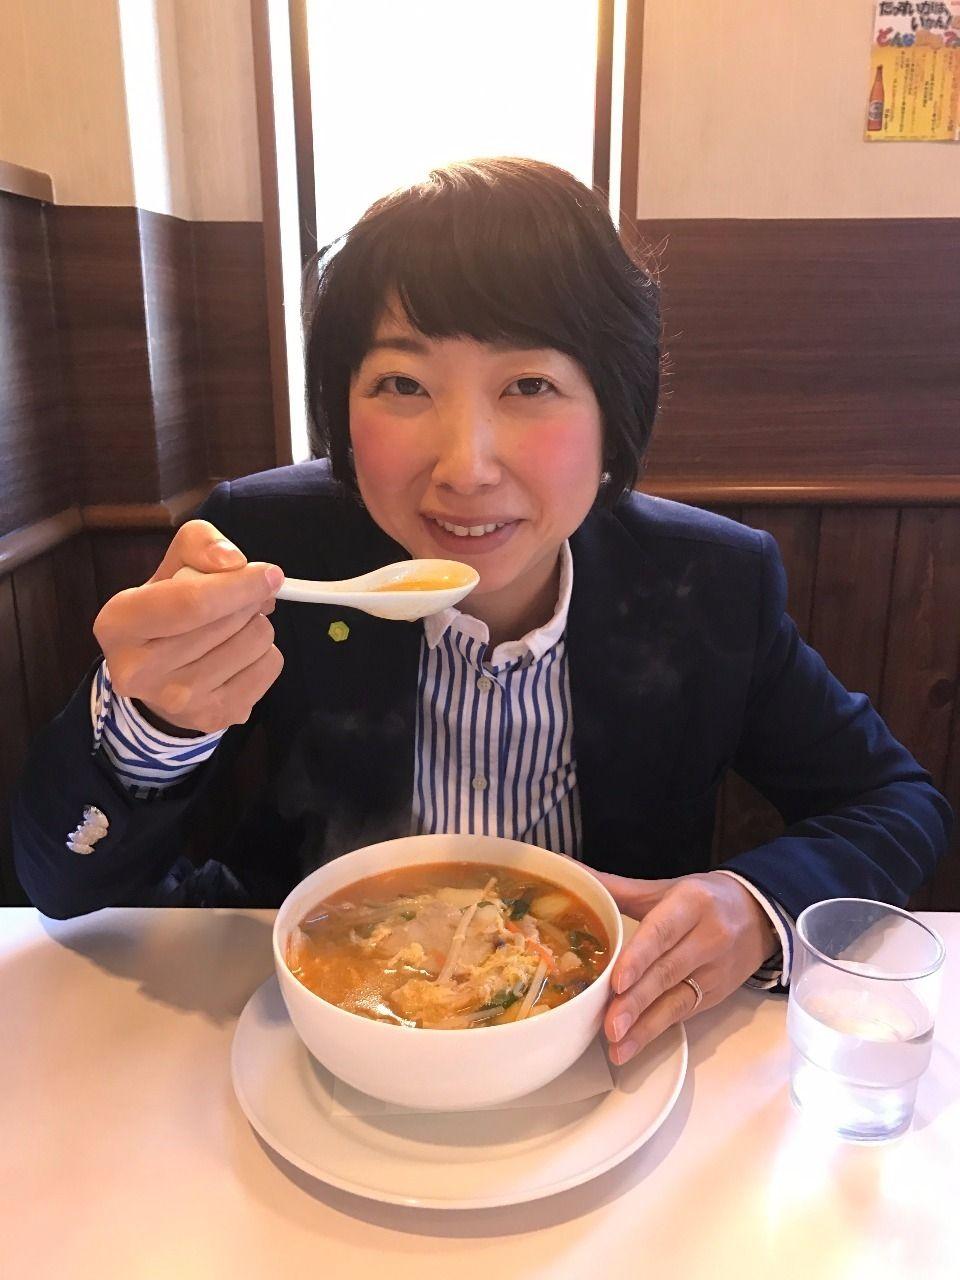 広東李(カントリー)の酸辣湯麺・四万十市のグルメランチ